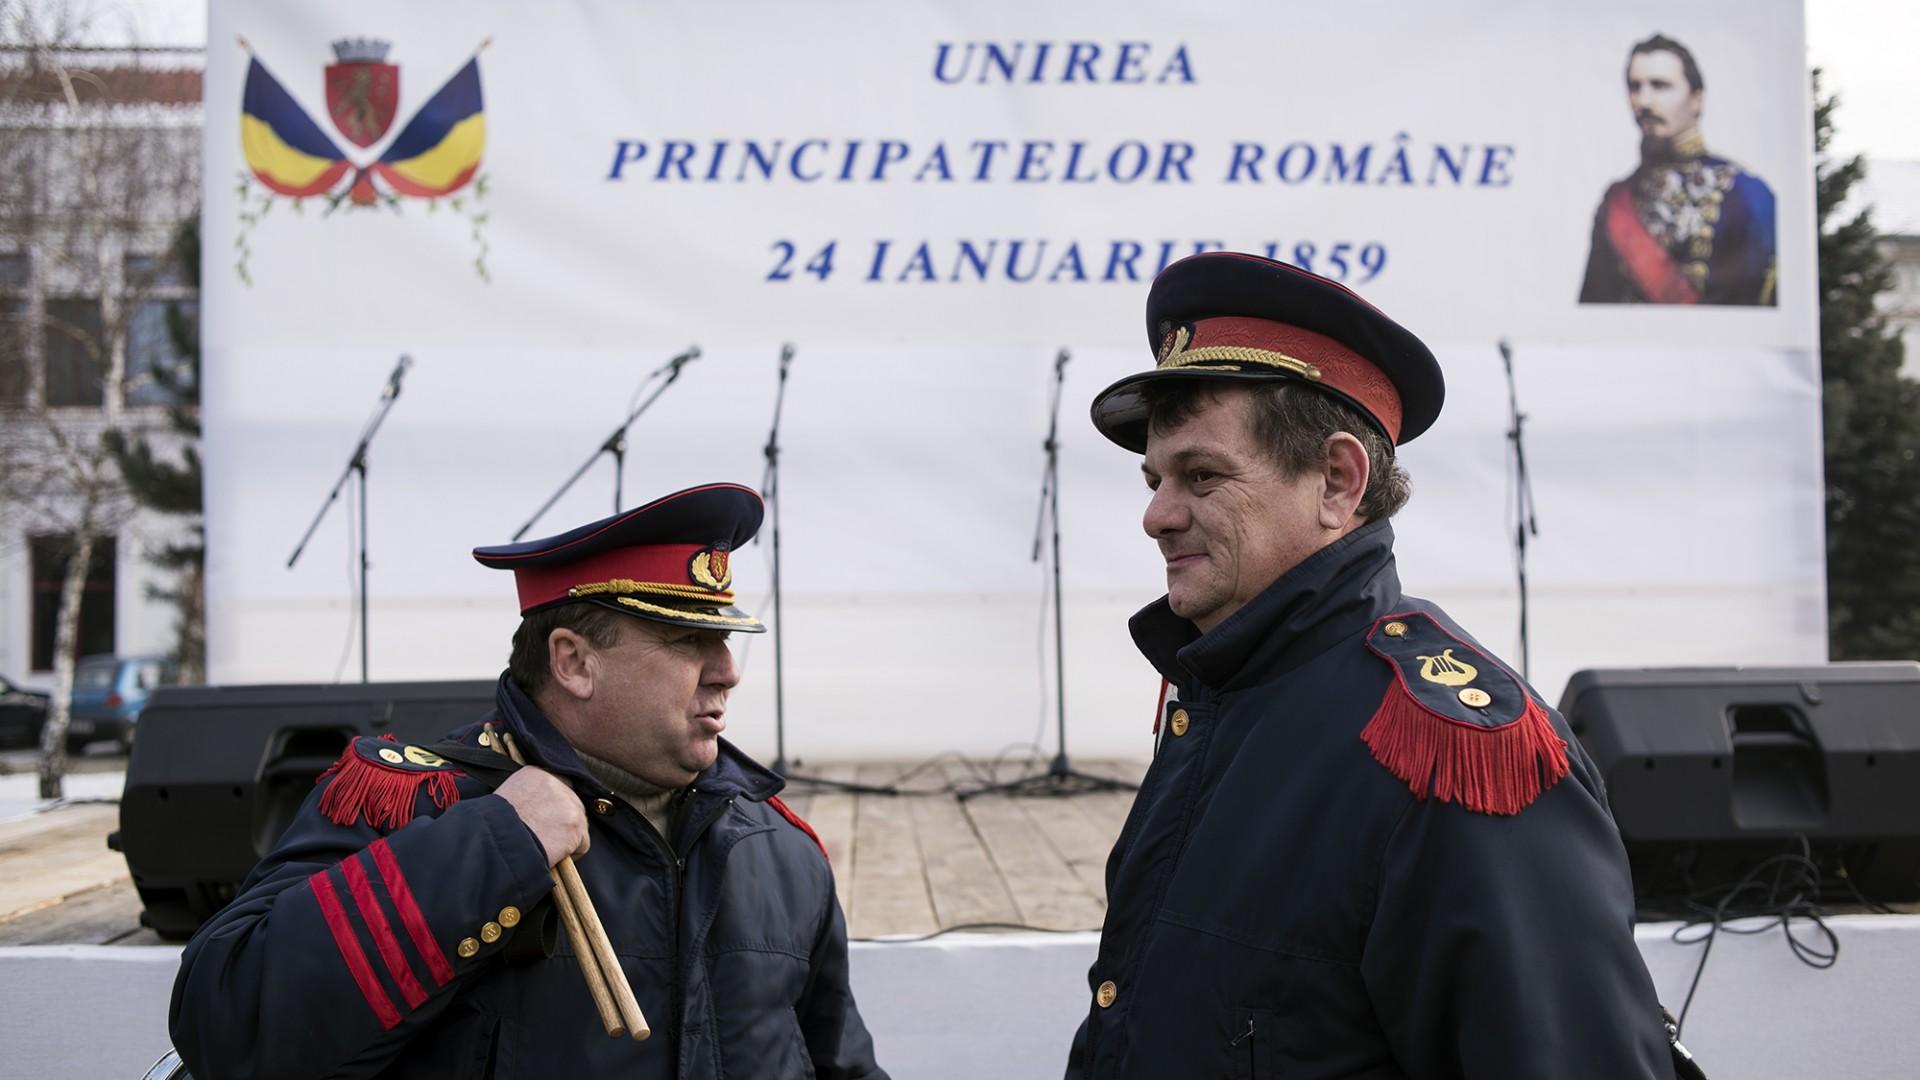 Ioan Jurju și Daniel Măcinic, doi reprezentanți ai Fanfarei Petrești